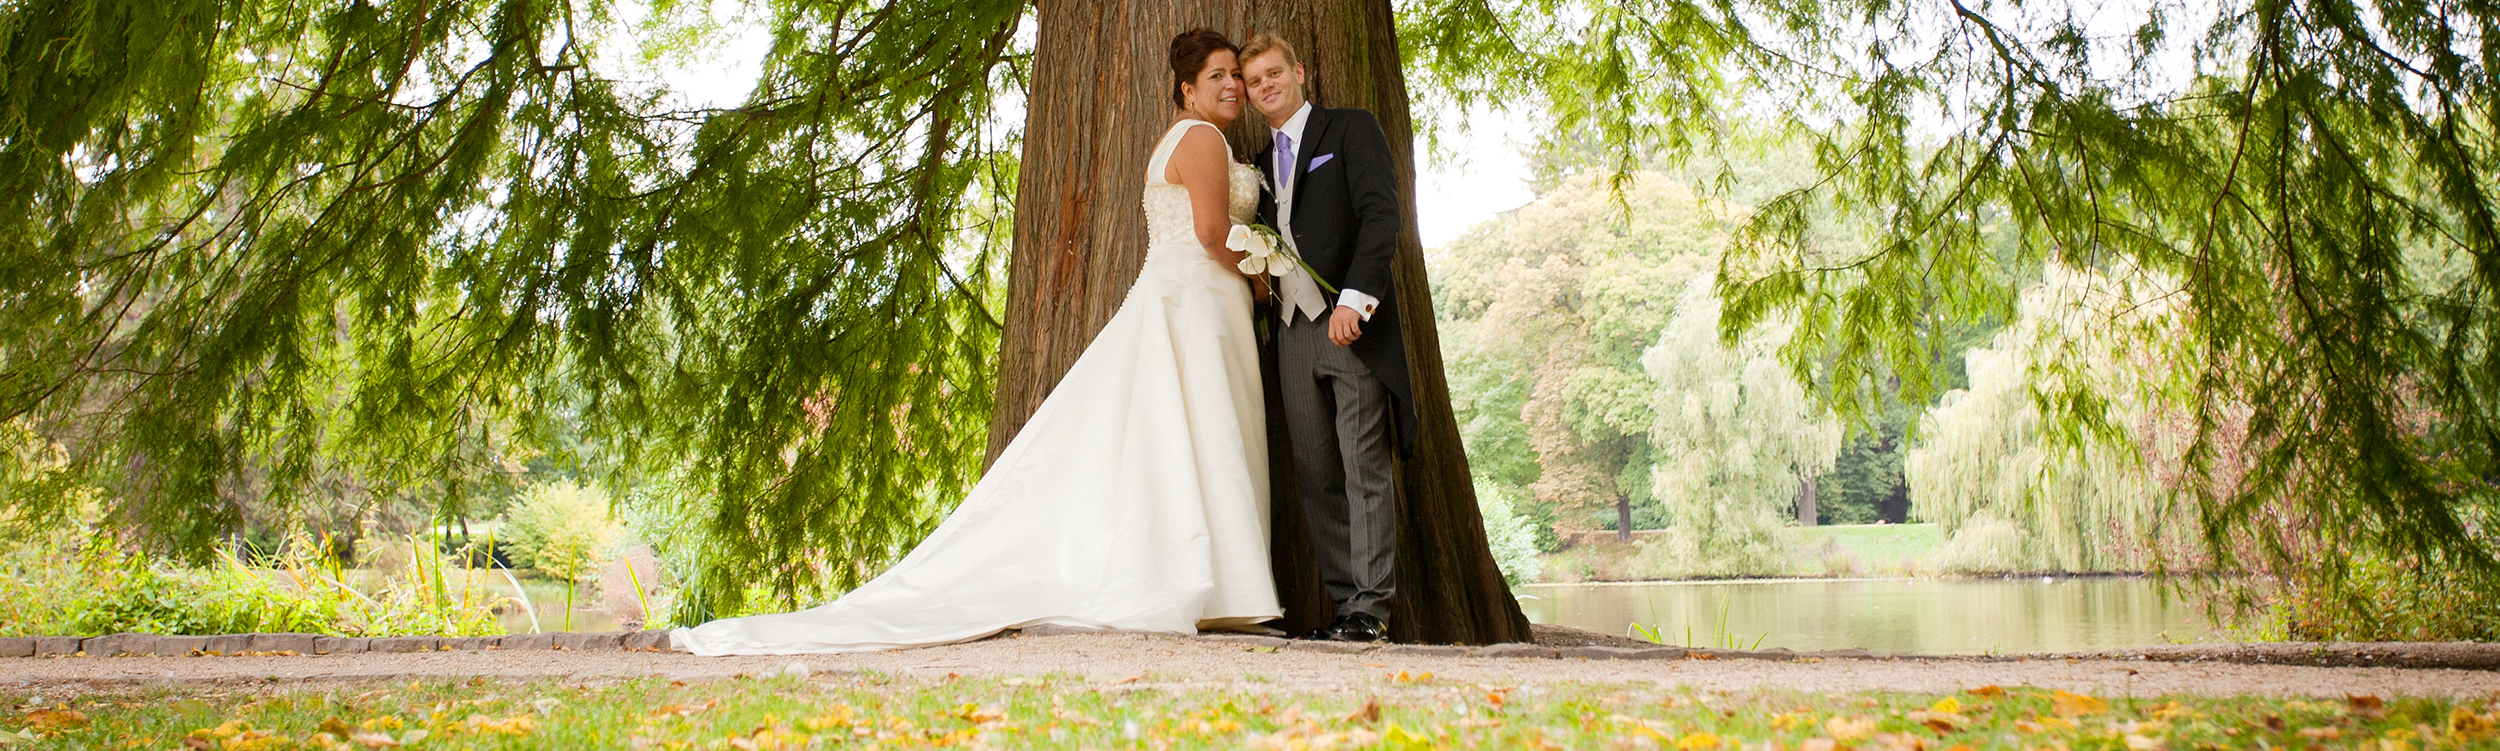 Hochzeitsfotografie und Eventfotografie